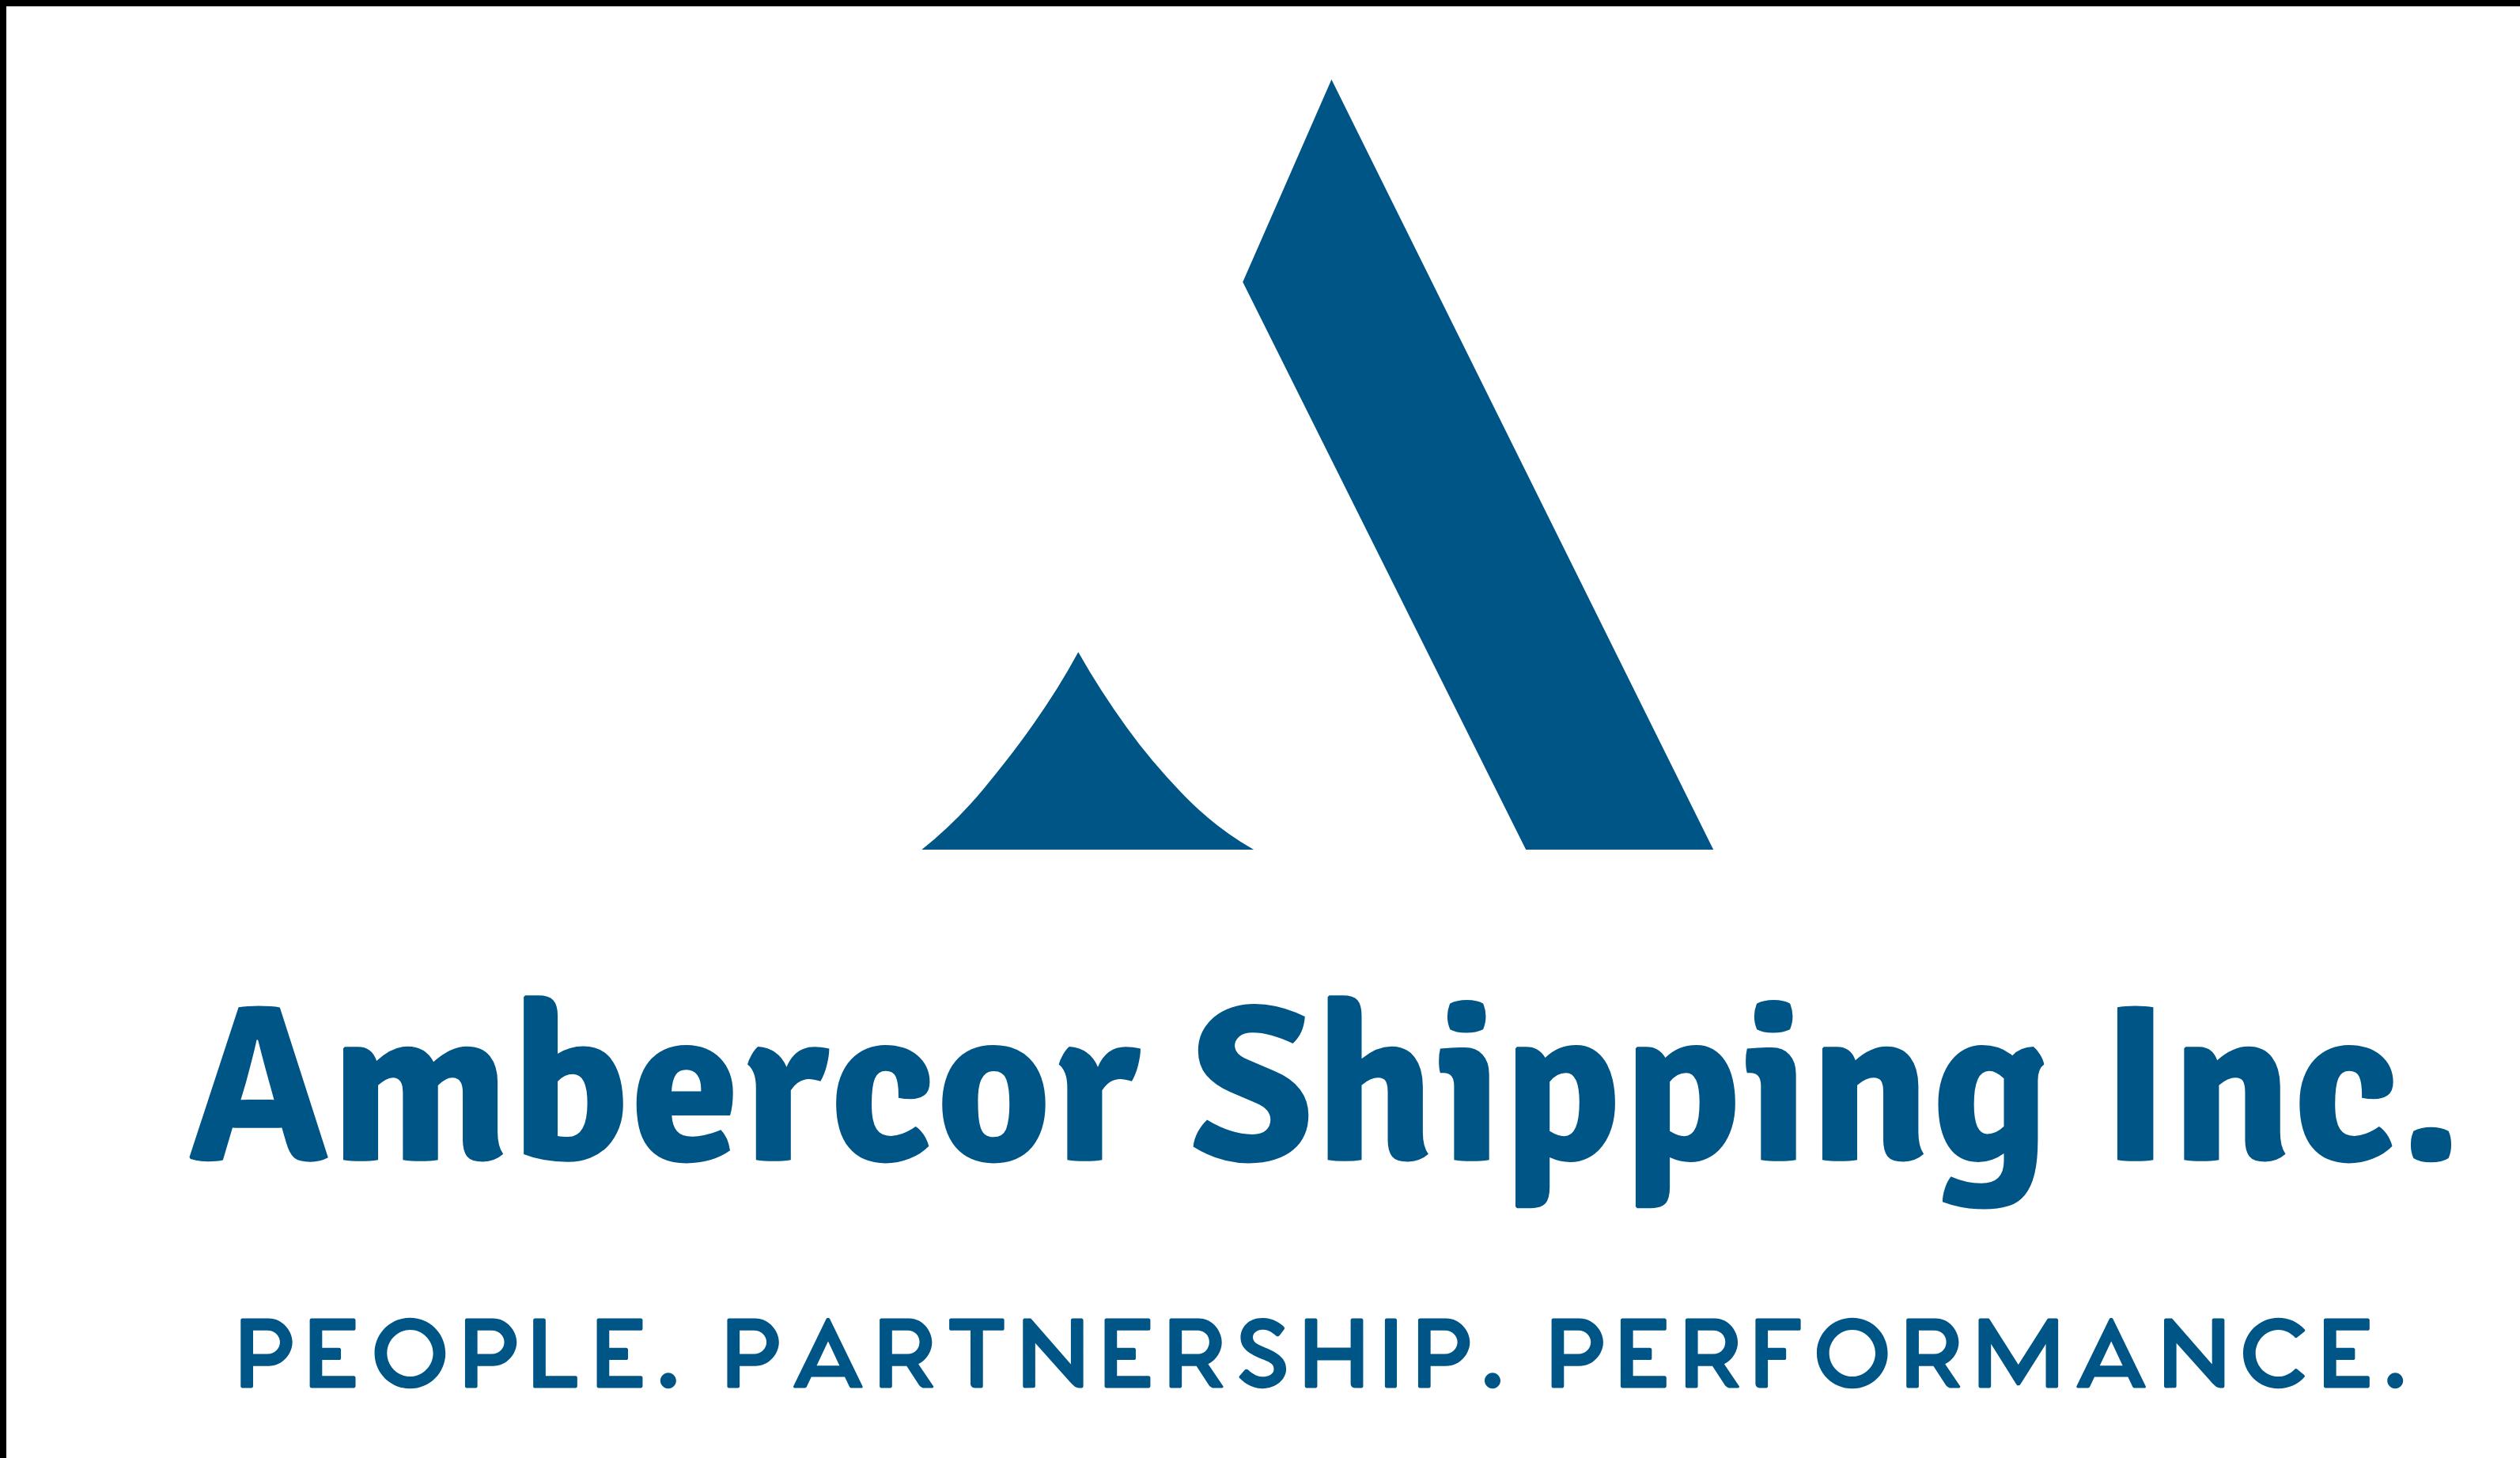 Ambercor Shipping